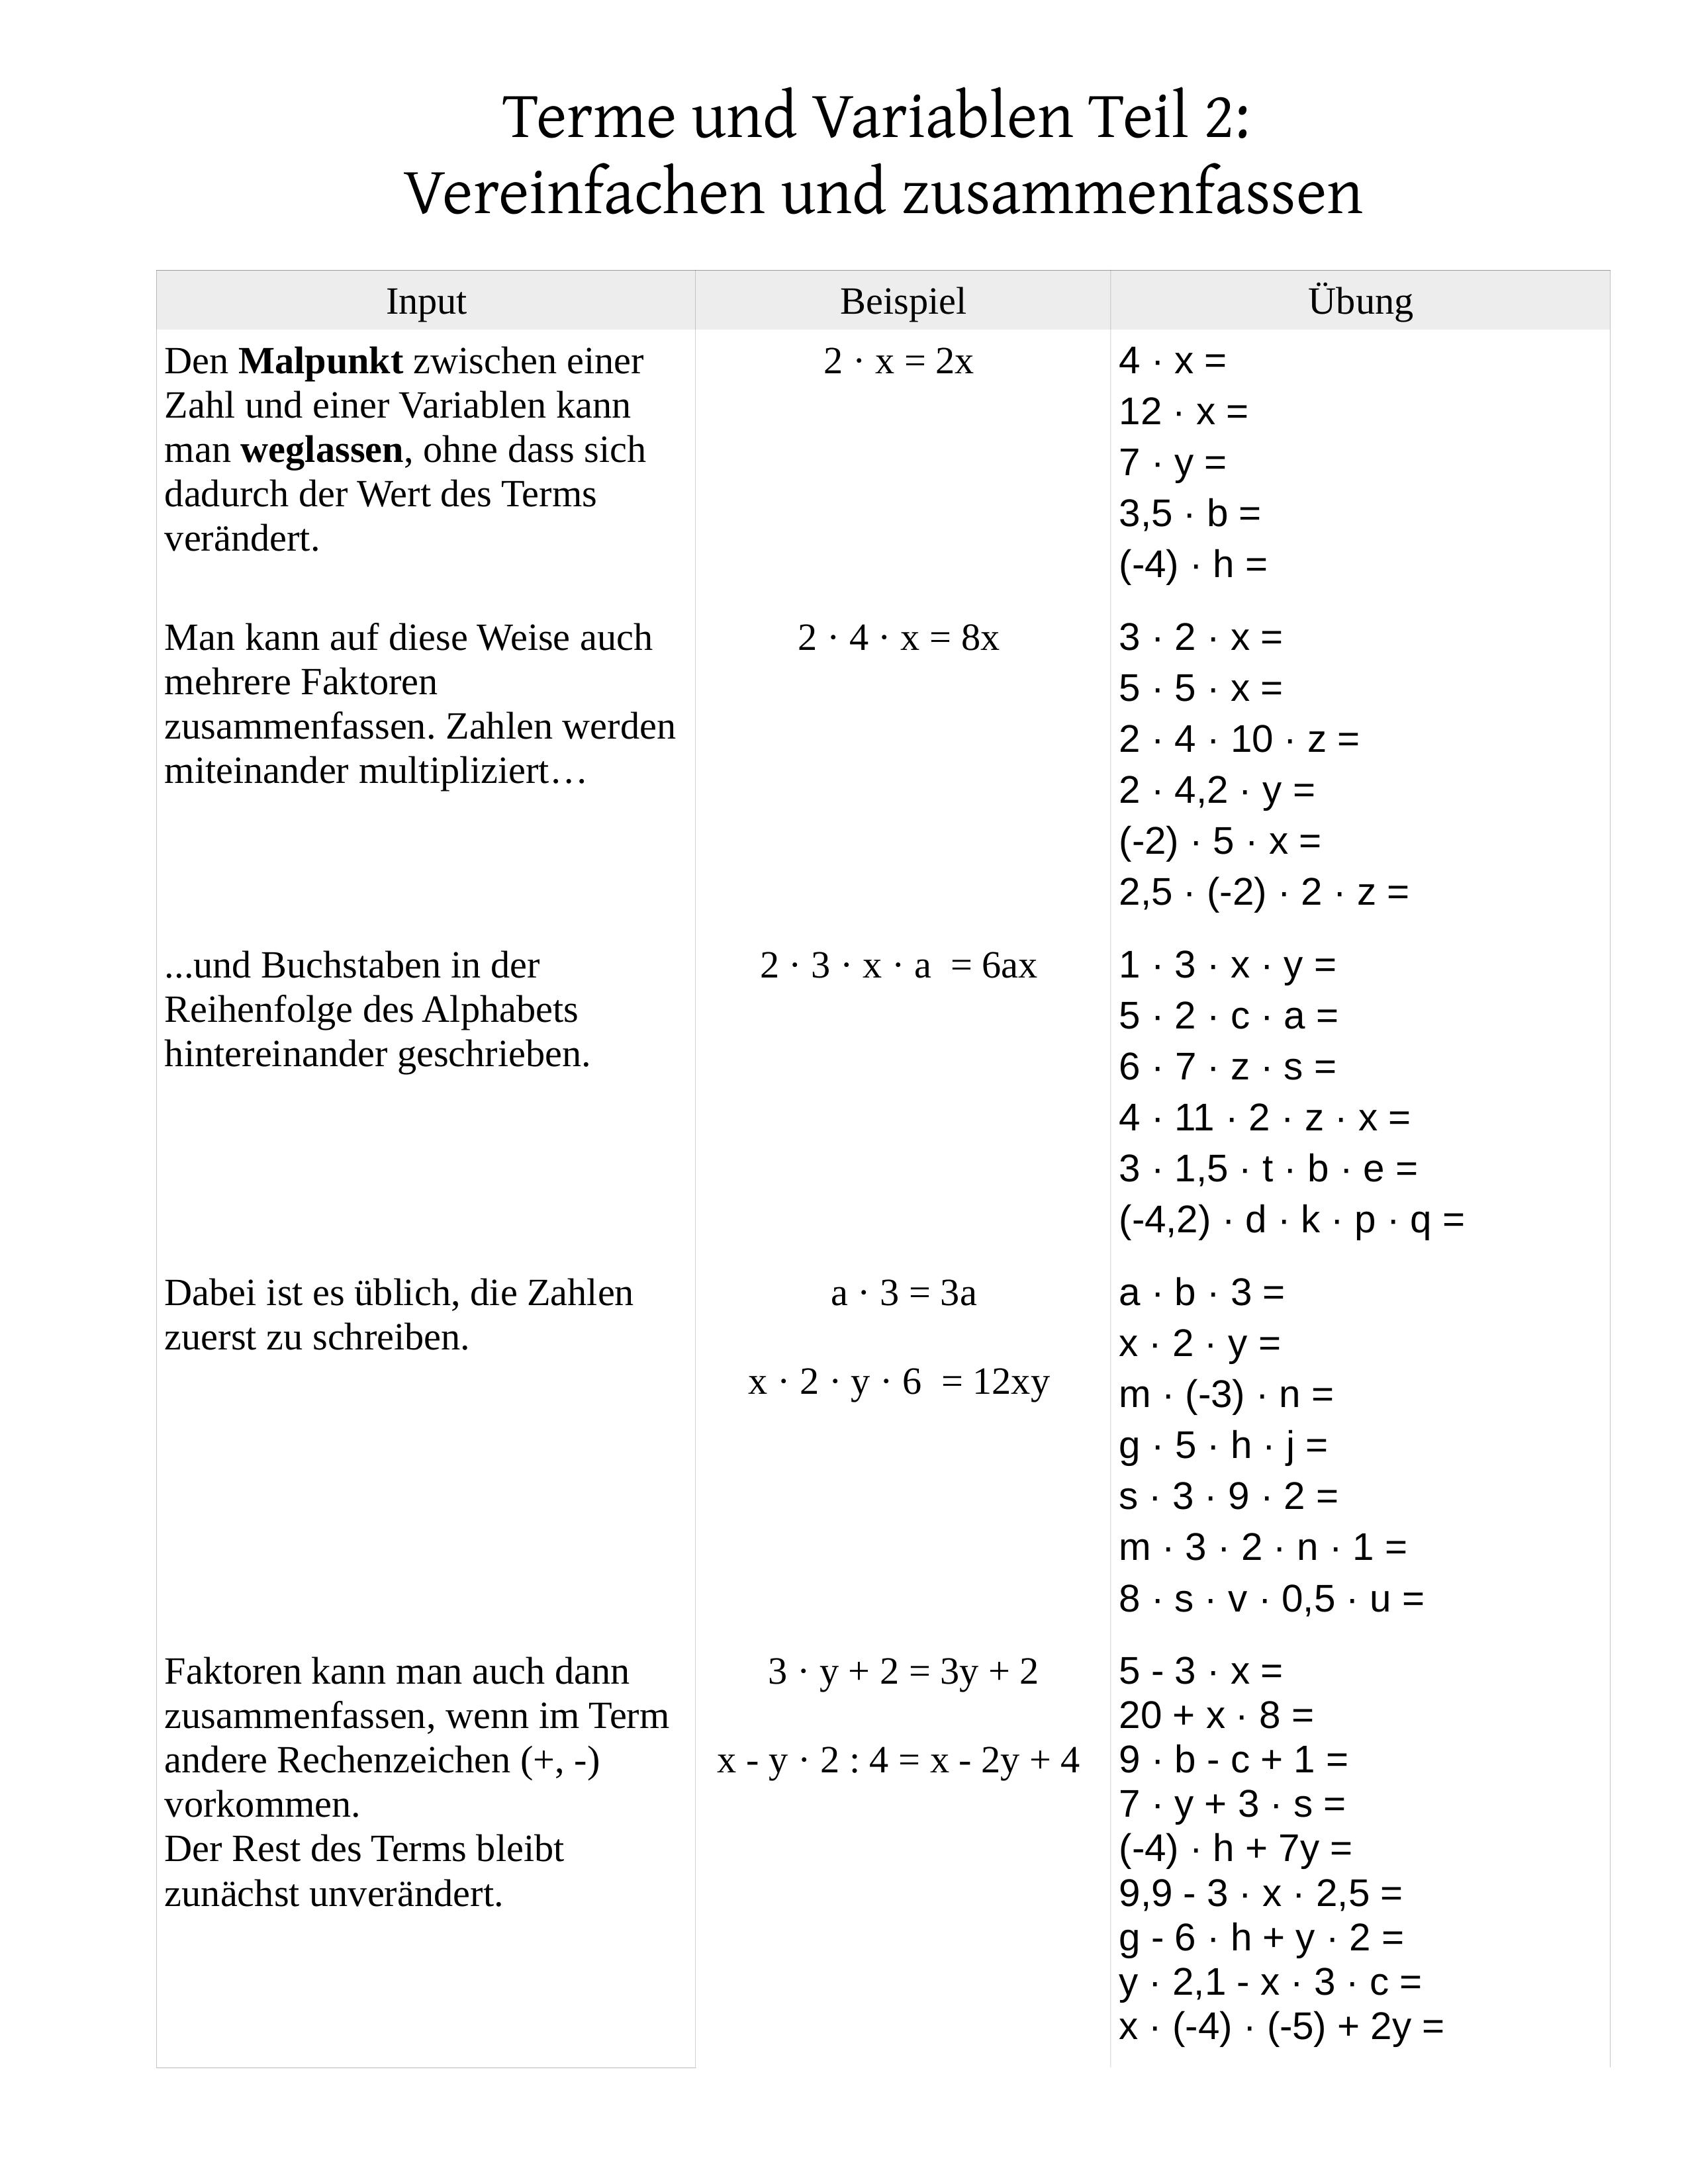 Terme Und Variablen Ubung Vereinfachen Und Zusammenfassen Unterrichtsmaterial Im Fach Mathematik In 2020 Nachhilfe Mathe Lernen Tipps Schule Mathe Unterrichten